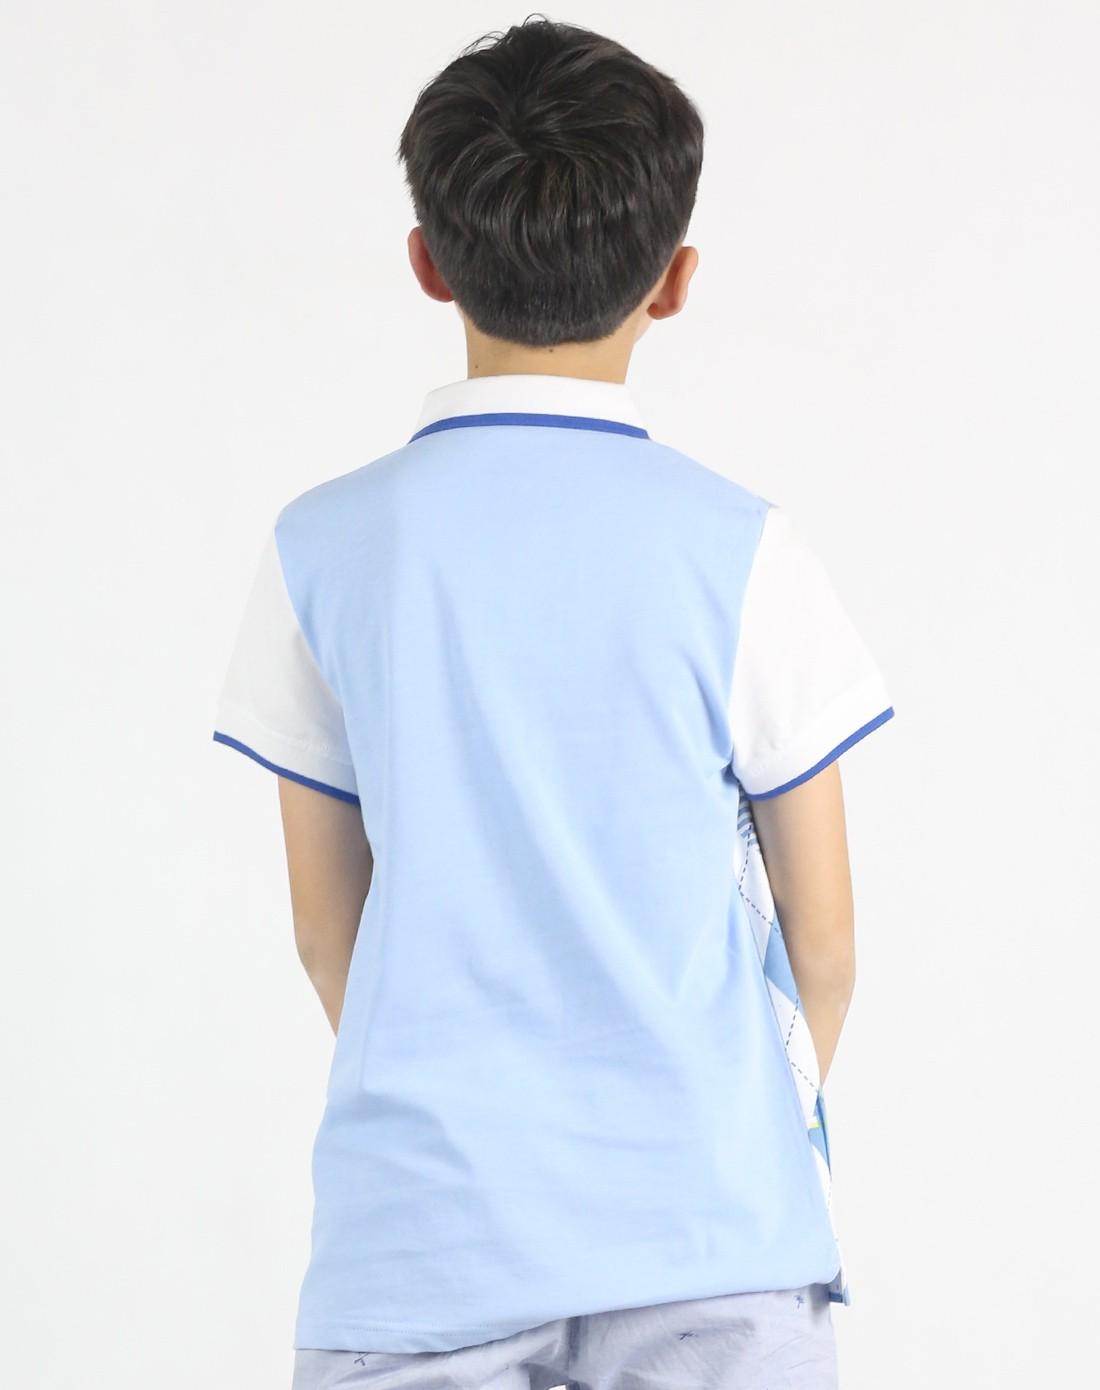 红黄蓝ryb男女童男童浅蓝渐变满印翻领t恤_唯品